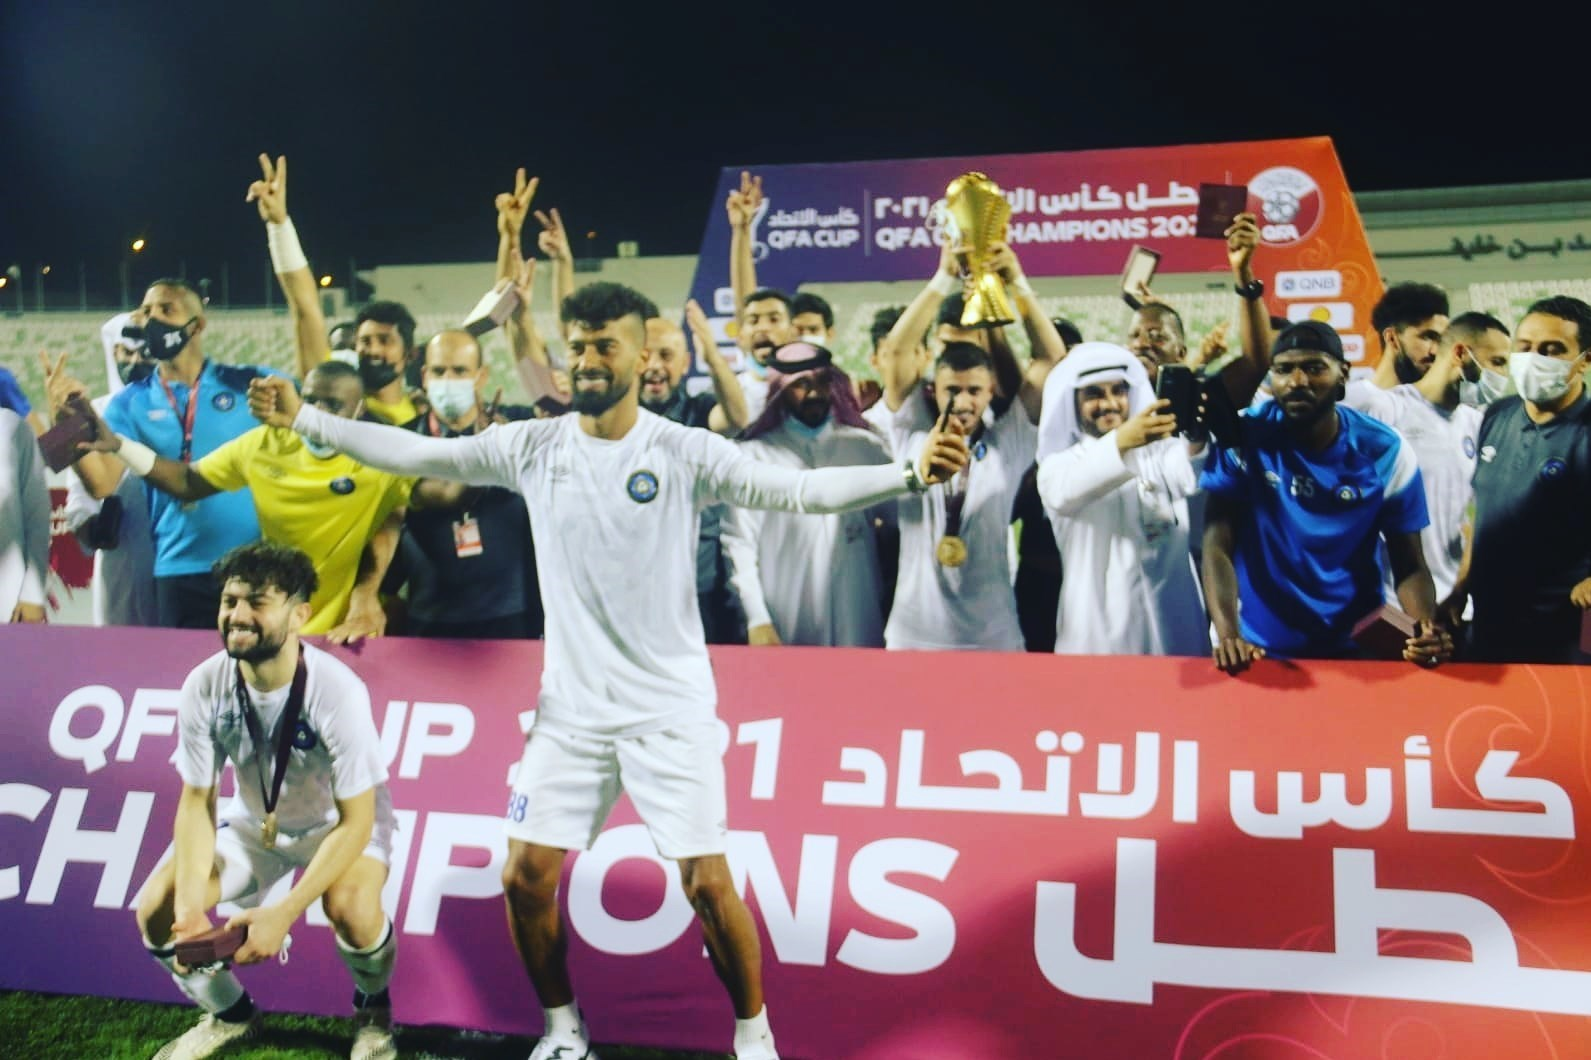 قهرمانی تیم رضاییان در جام حذفی قطر